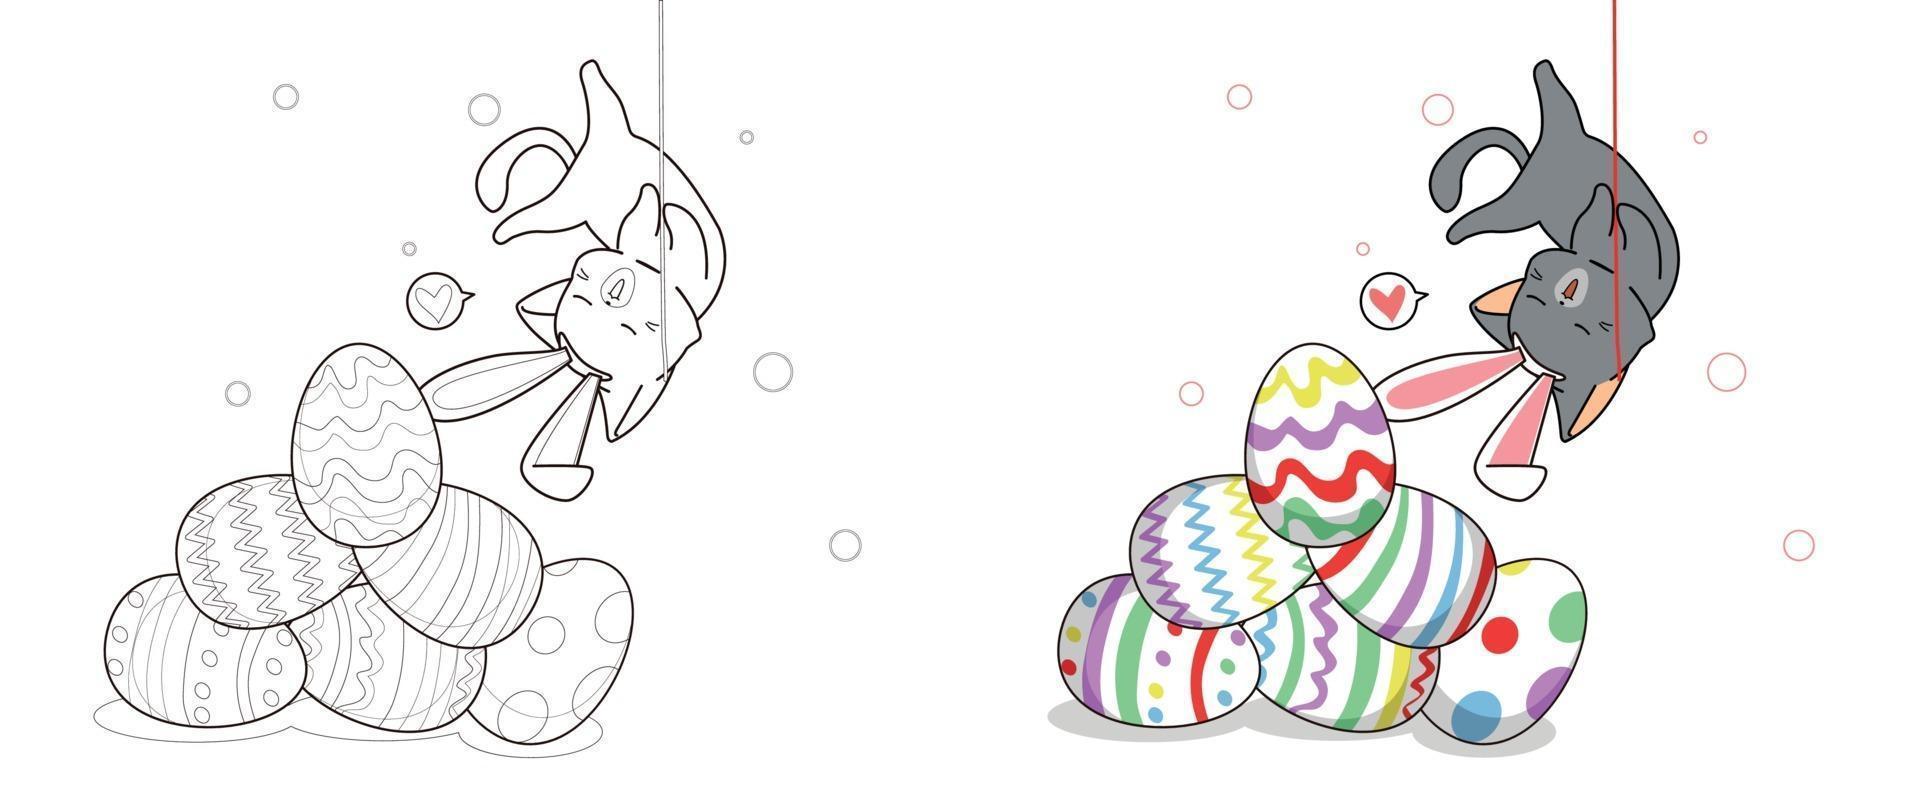 konijntjeskat valt op eieren, kleurplaat voor kinderen vector